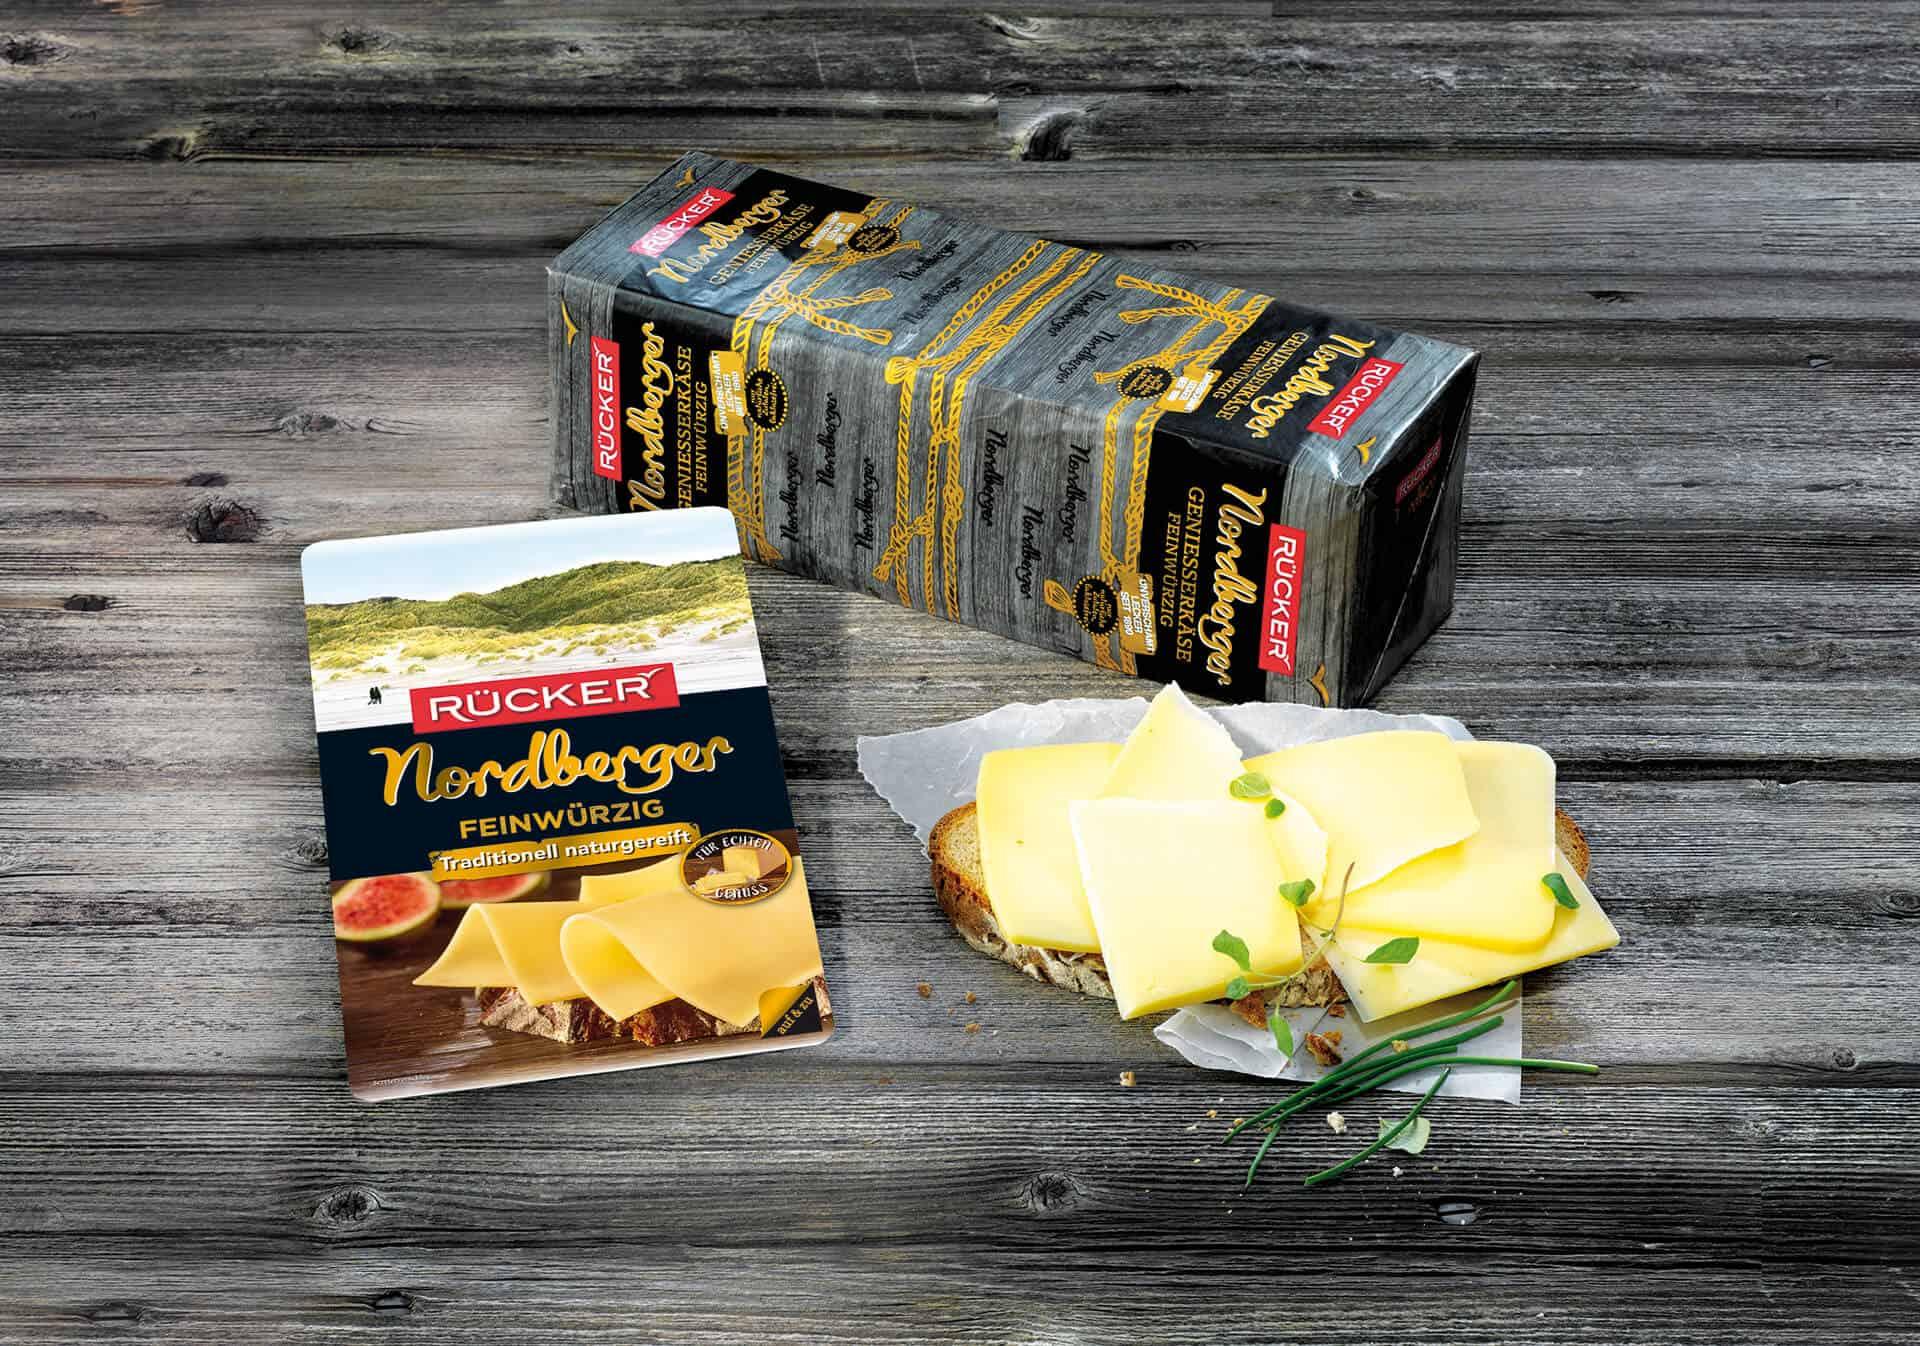 Nordberger naturgereifter Käse von Rücker